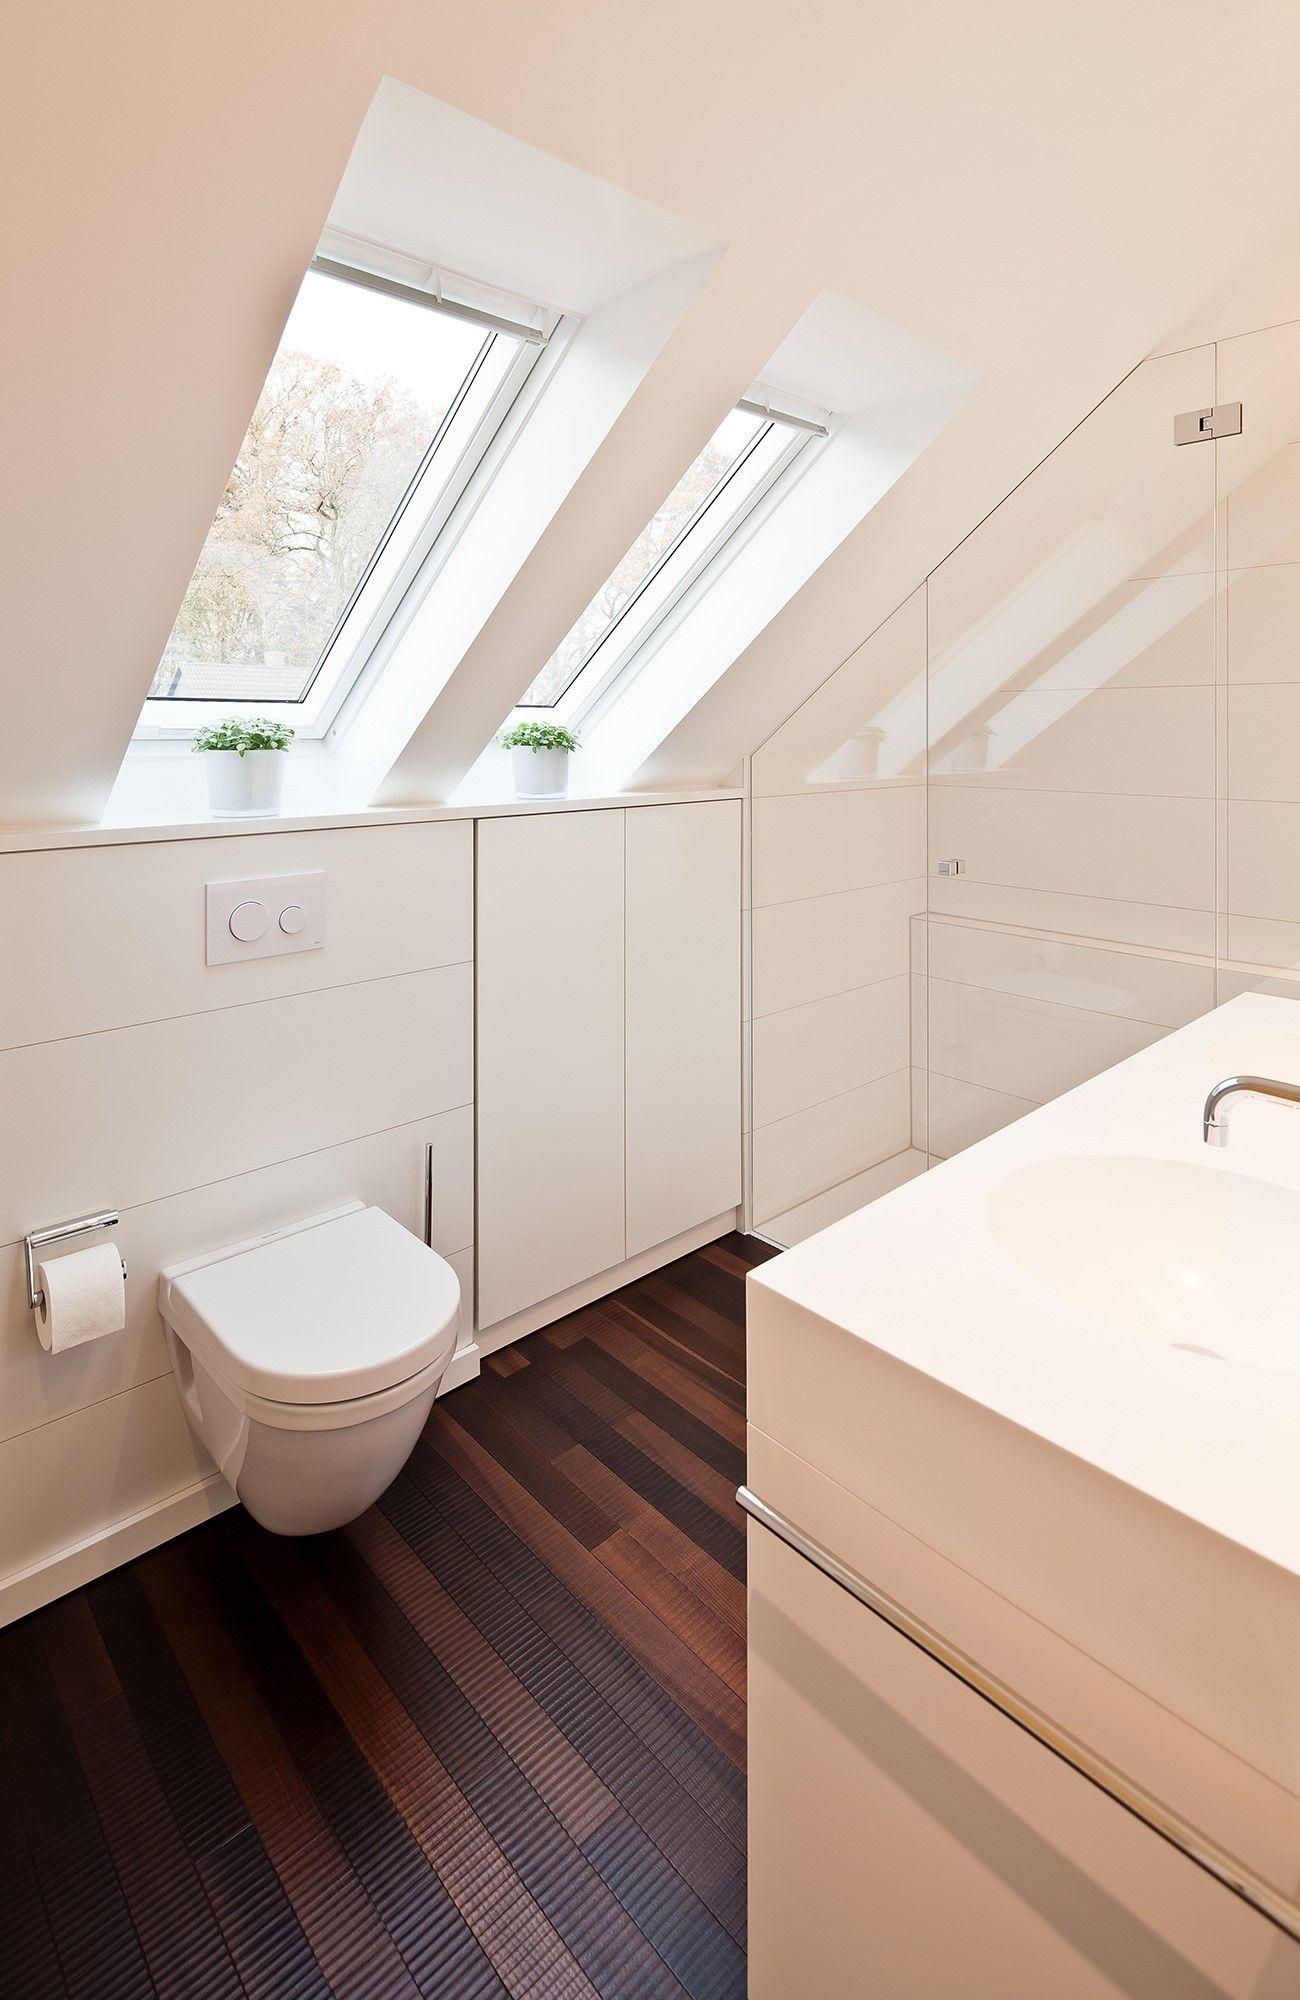 Badezimmer mit Schräge renovieren   Raumfabrik ...